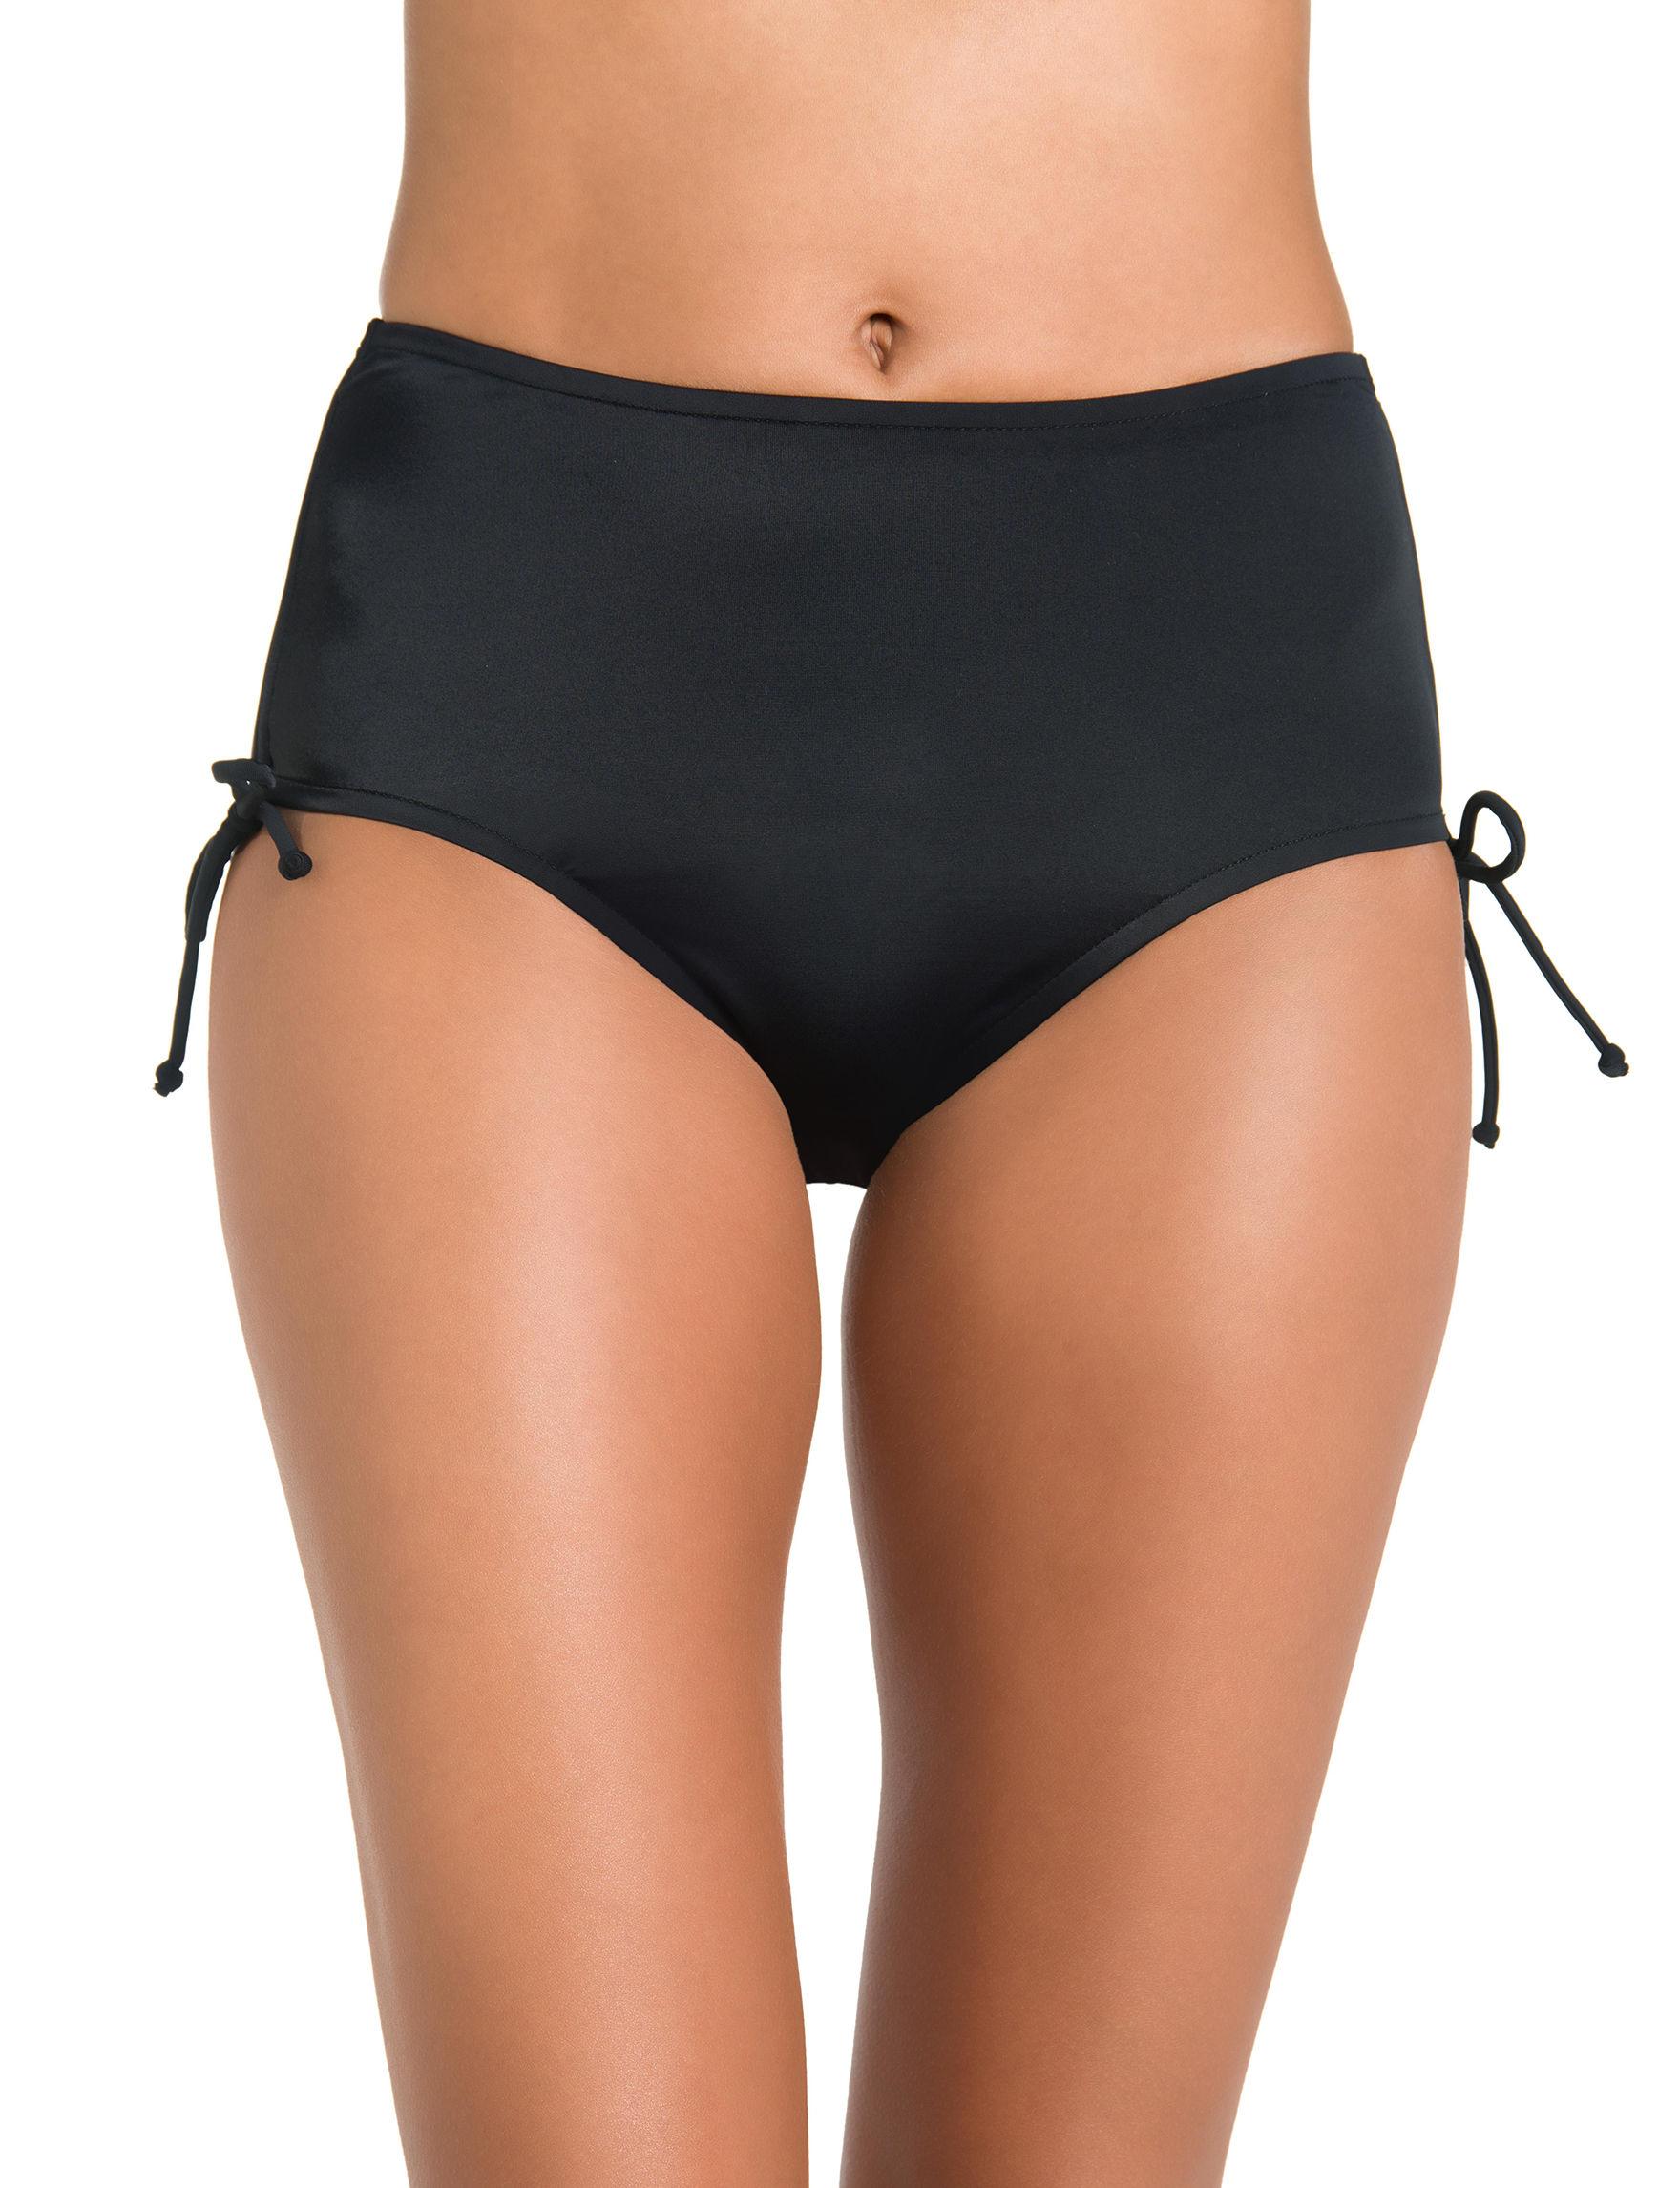 Caribbean Joe Black Swimsuit Bottoms High Waist